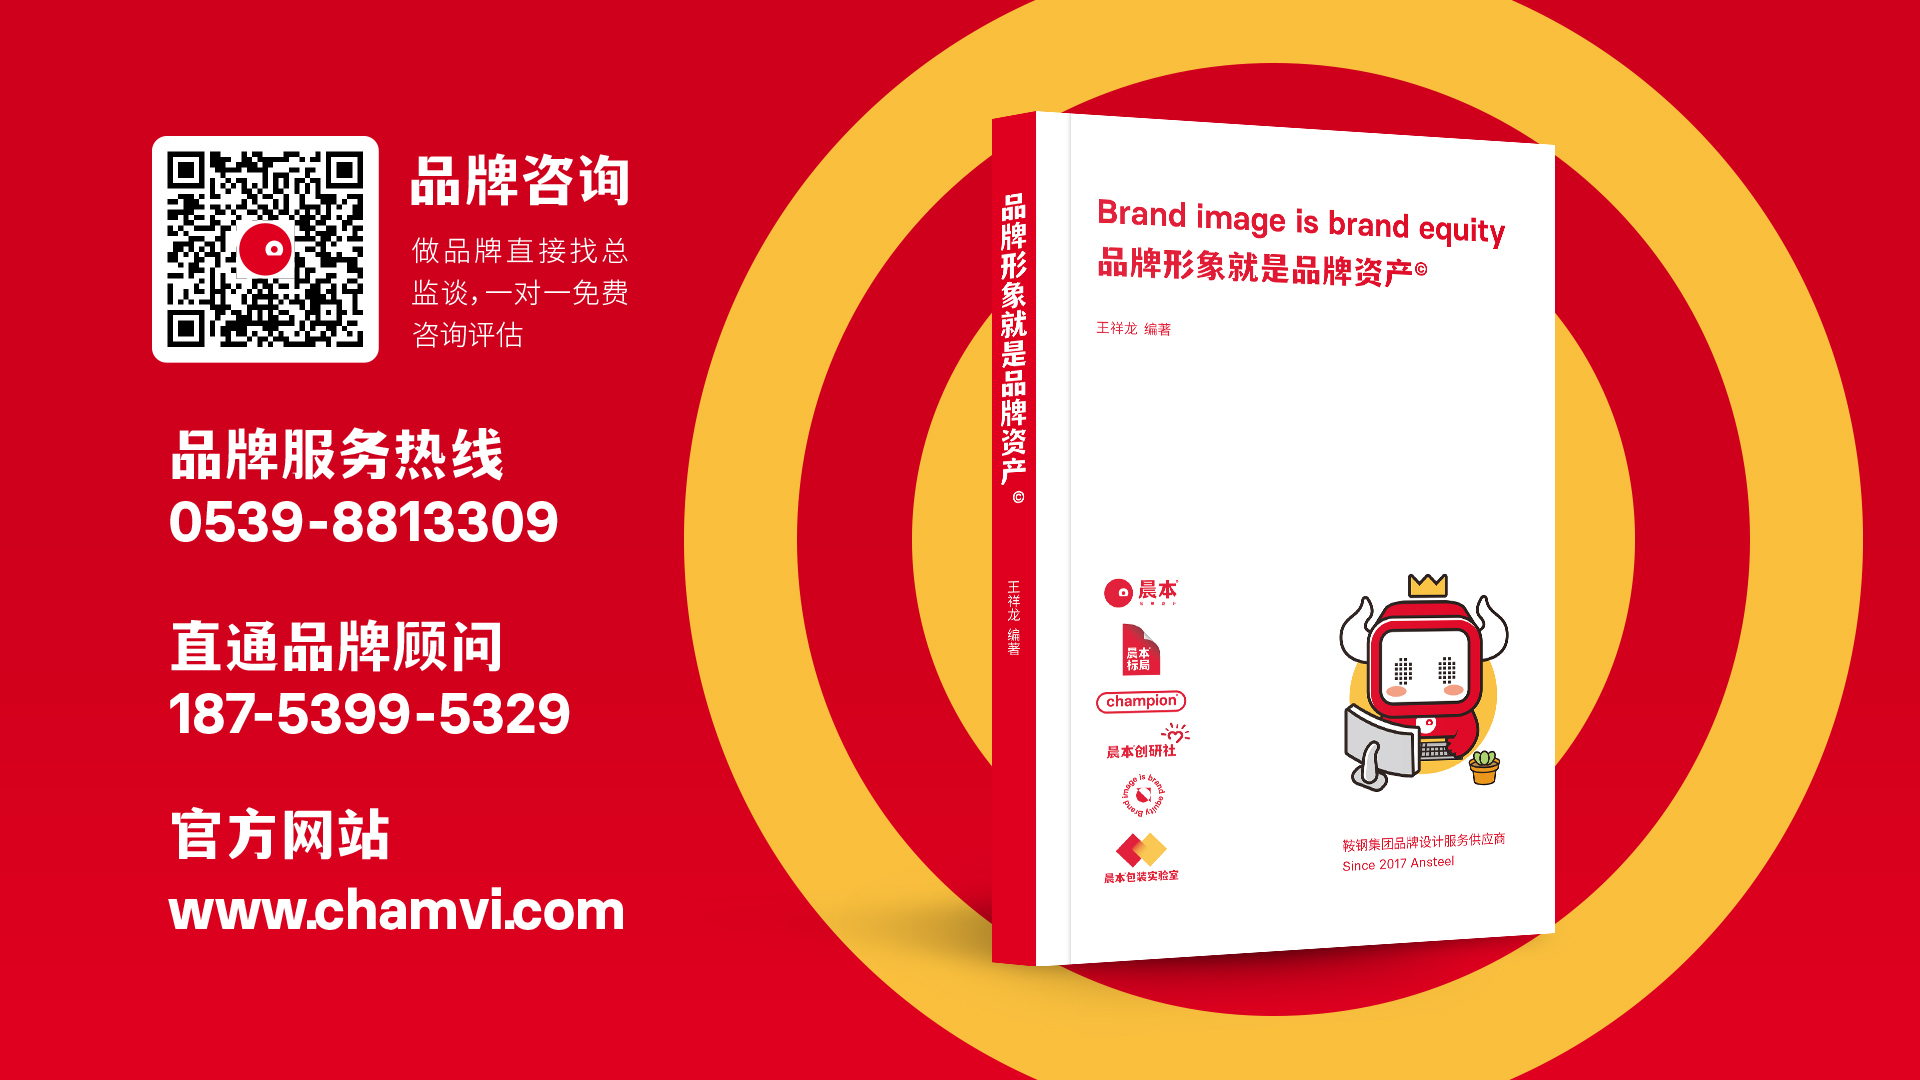 品牌形象就是品牌资产©方法论03.jpg